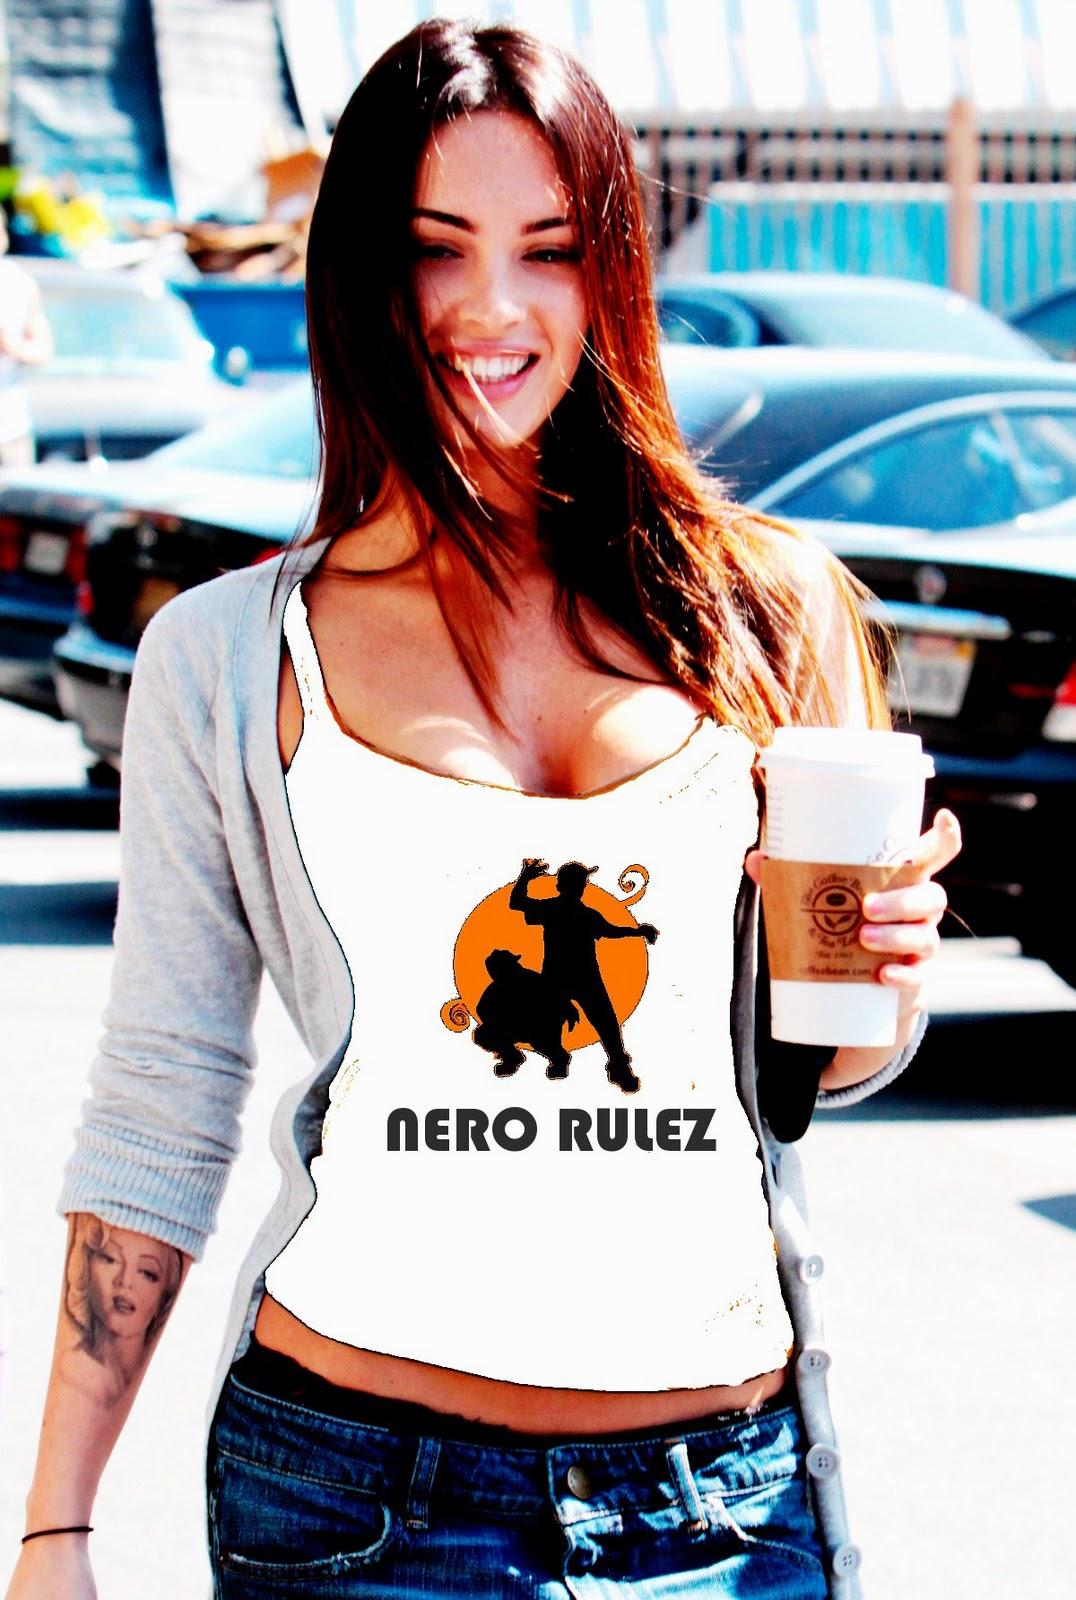 http://4.bp.blogspot.com/_eu1KPO4QlbQ/TPKtRZorgCI/AAAAAAAAAxY/-_WEZKxrJlo/s1600/megan_fox0209.jpg